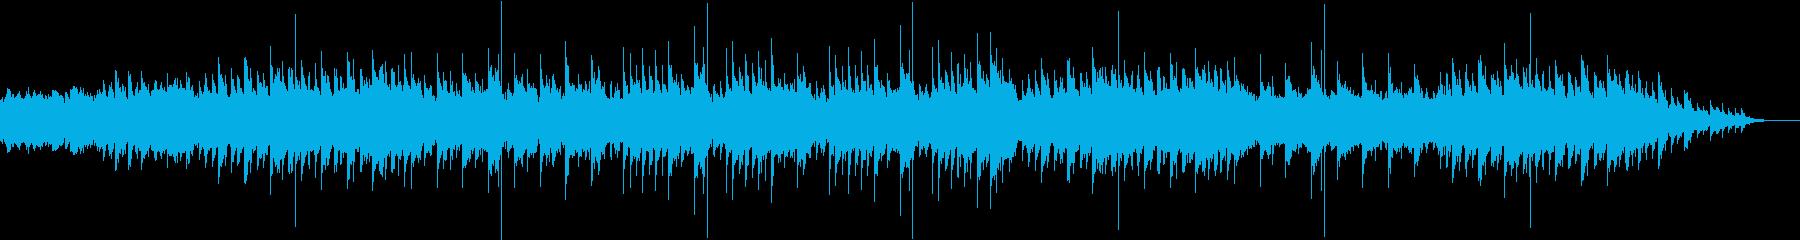 のんびり可愛らしいとしたAGtのBGMの再生済みの波形